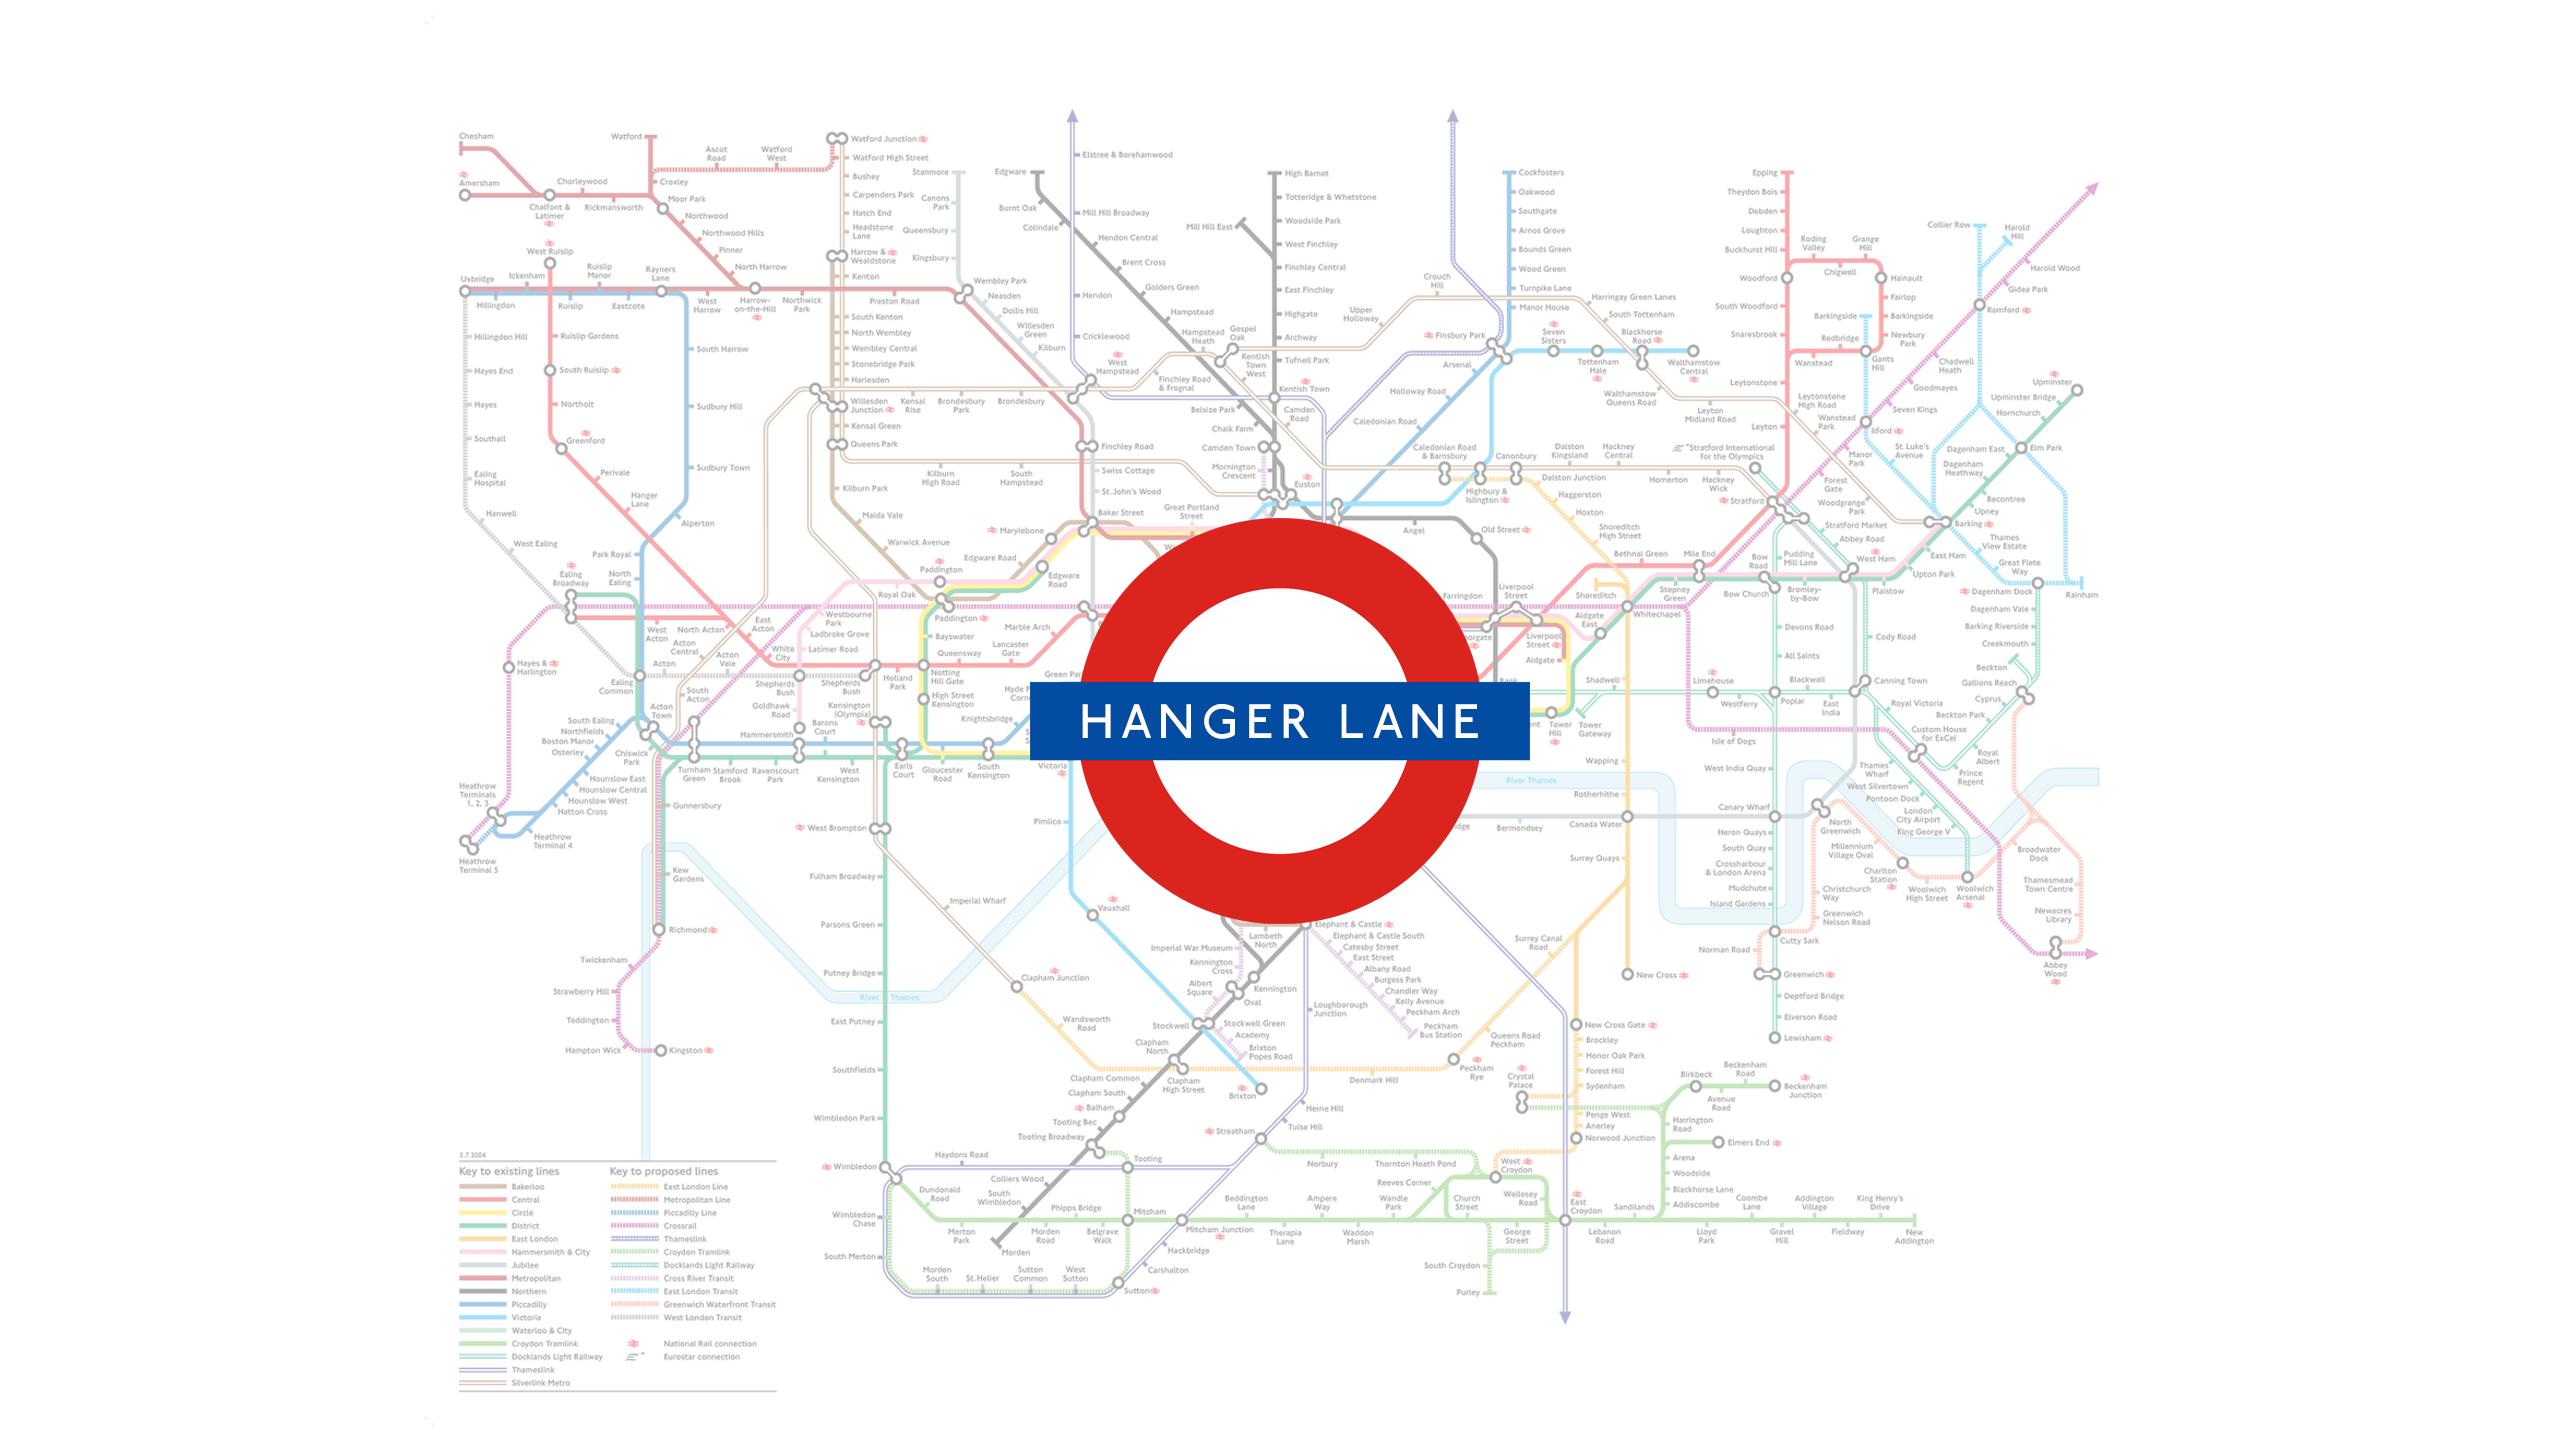 Hanger Lane (Map)